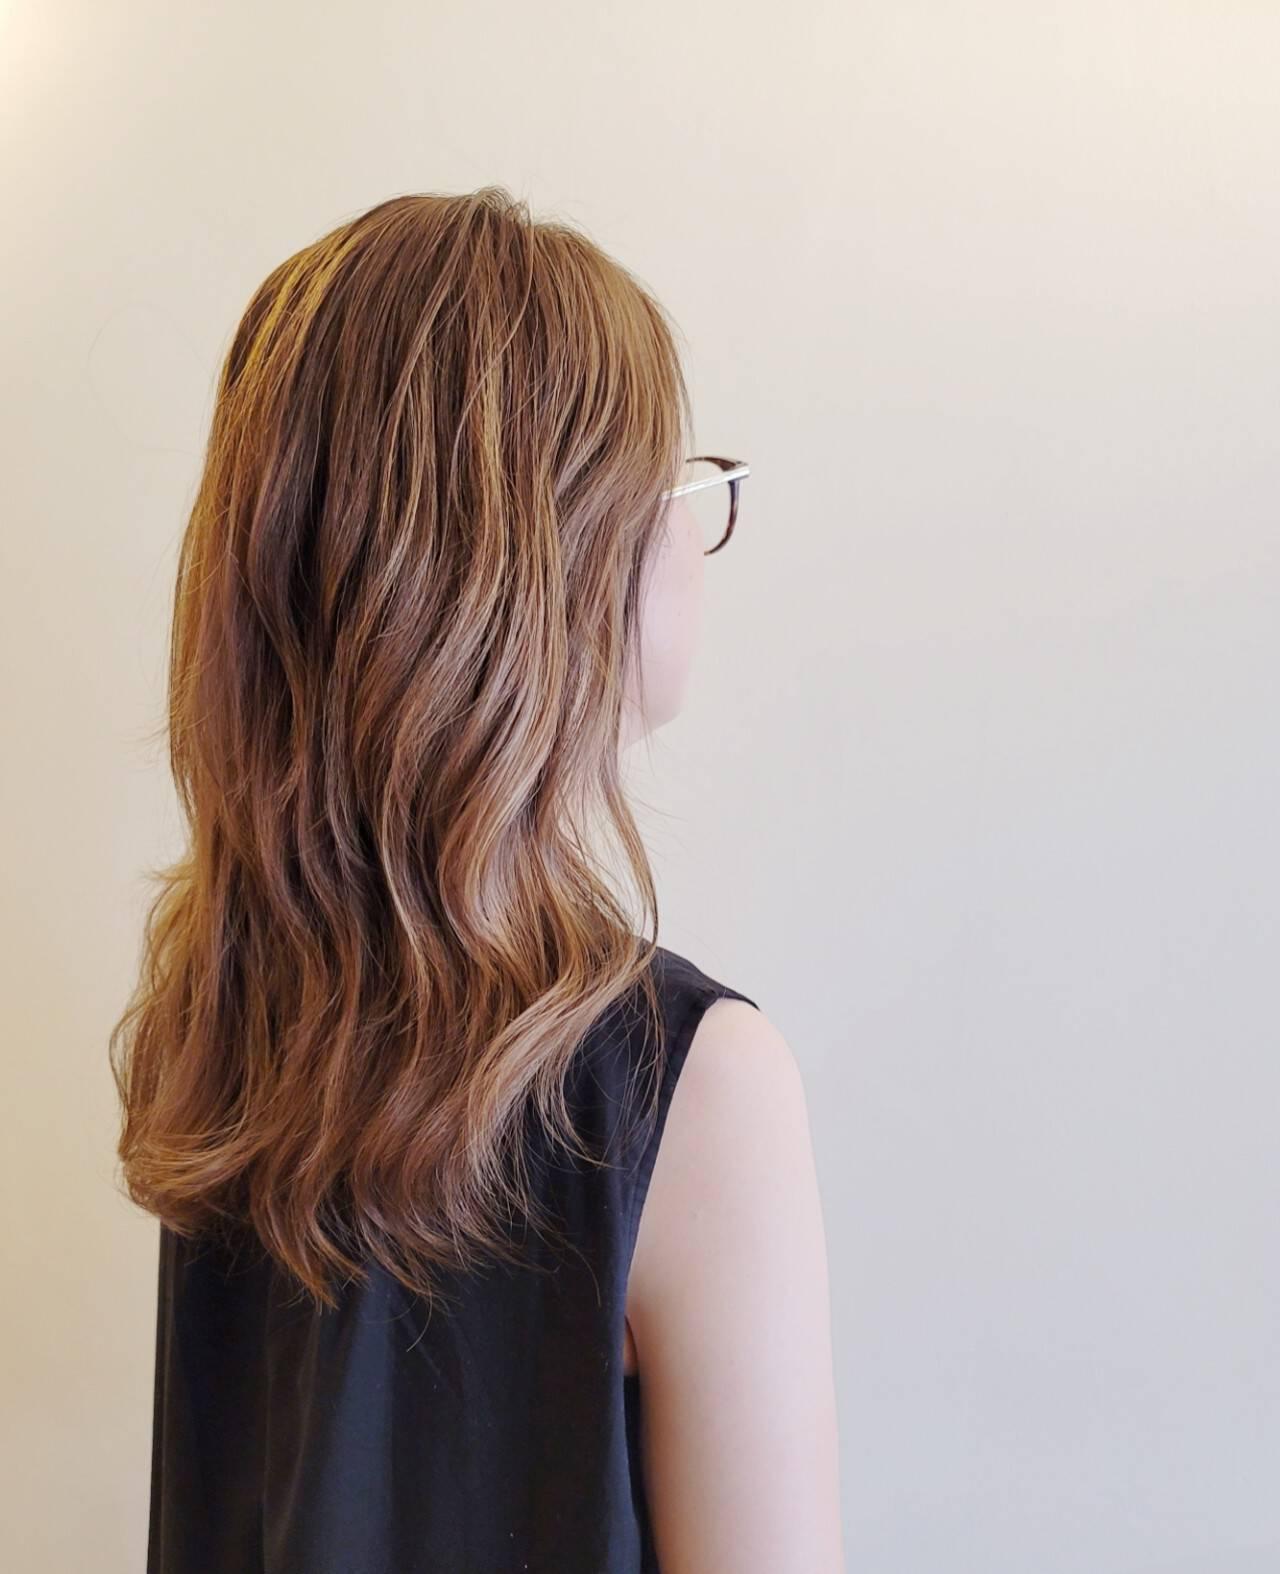 スライシングハイライト セミロング ハイライト デザインカラーヘアスタイルや髪型の写真・画像